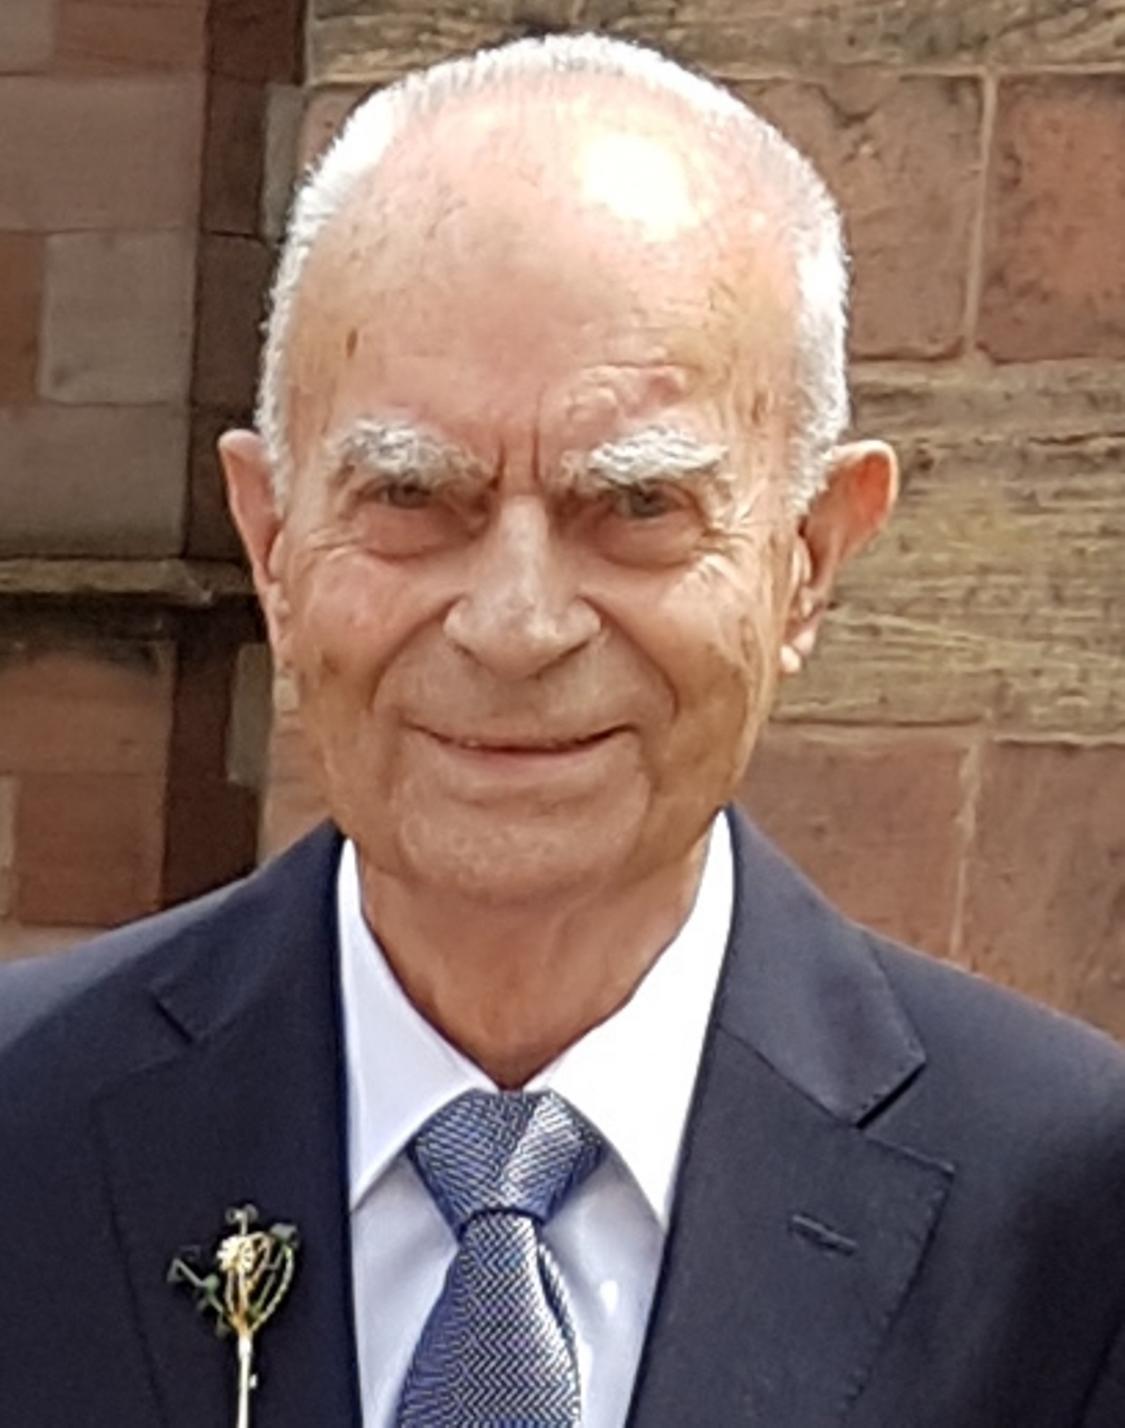 Kurt Knauth